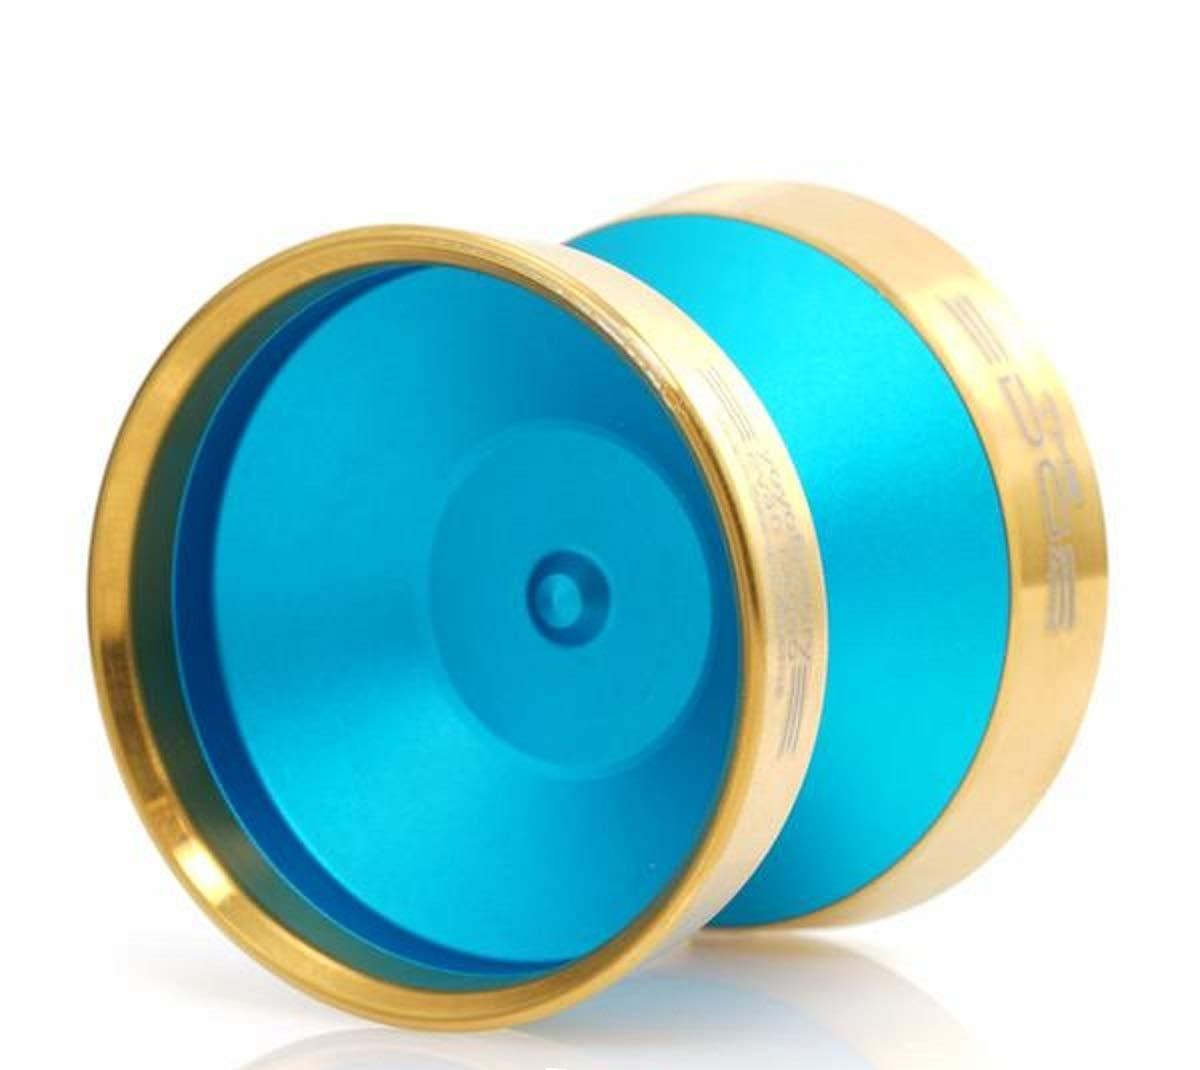 YoYoFactory Edge Beyond Yo-Yo - World Champion Evan Nagao Signature Yo-Yo! (Aqua w/Gold Rim) by YoYoFactory (Image #1)